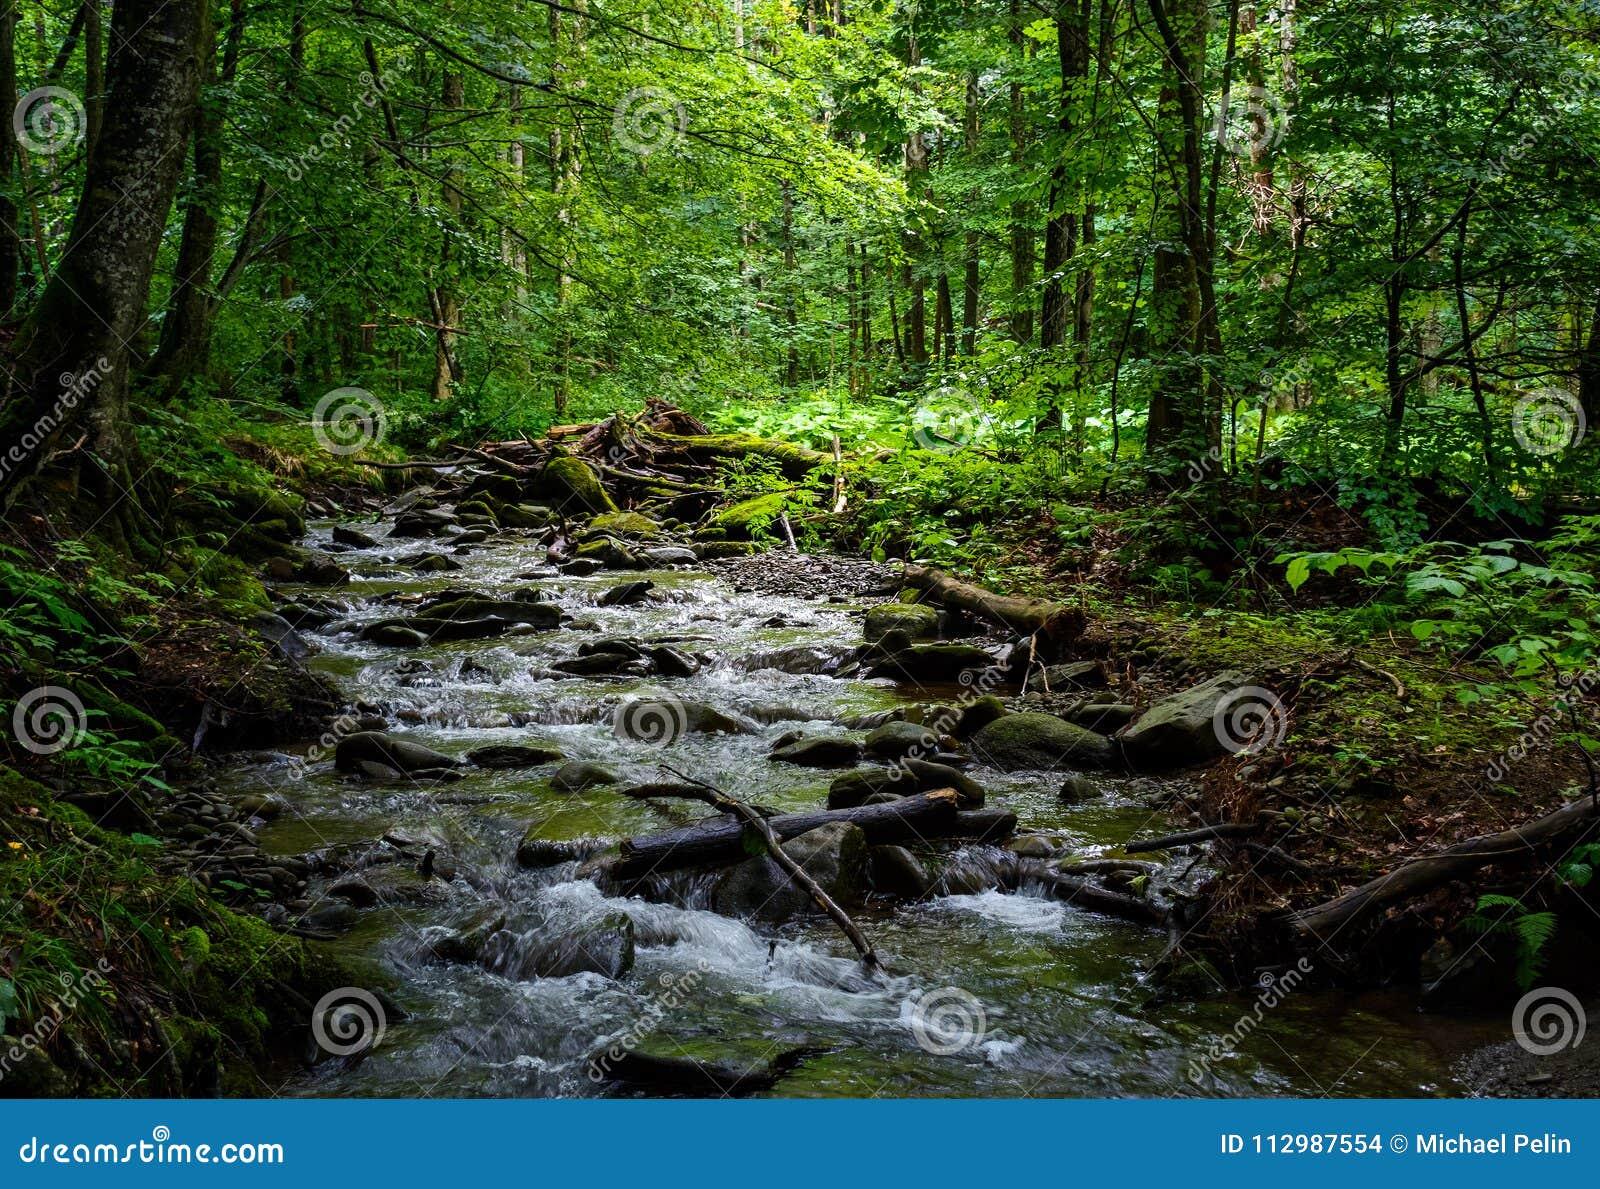 Wild brook in the dark forest